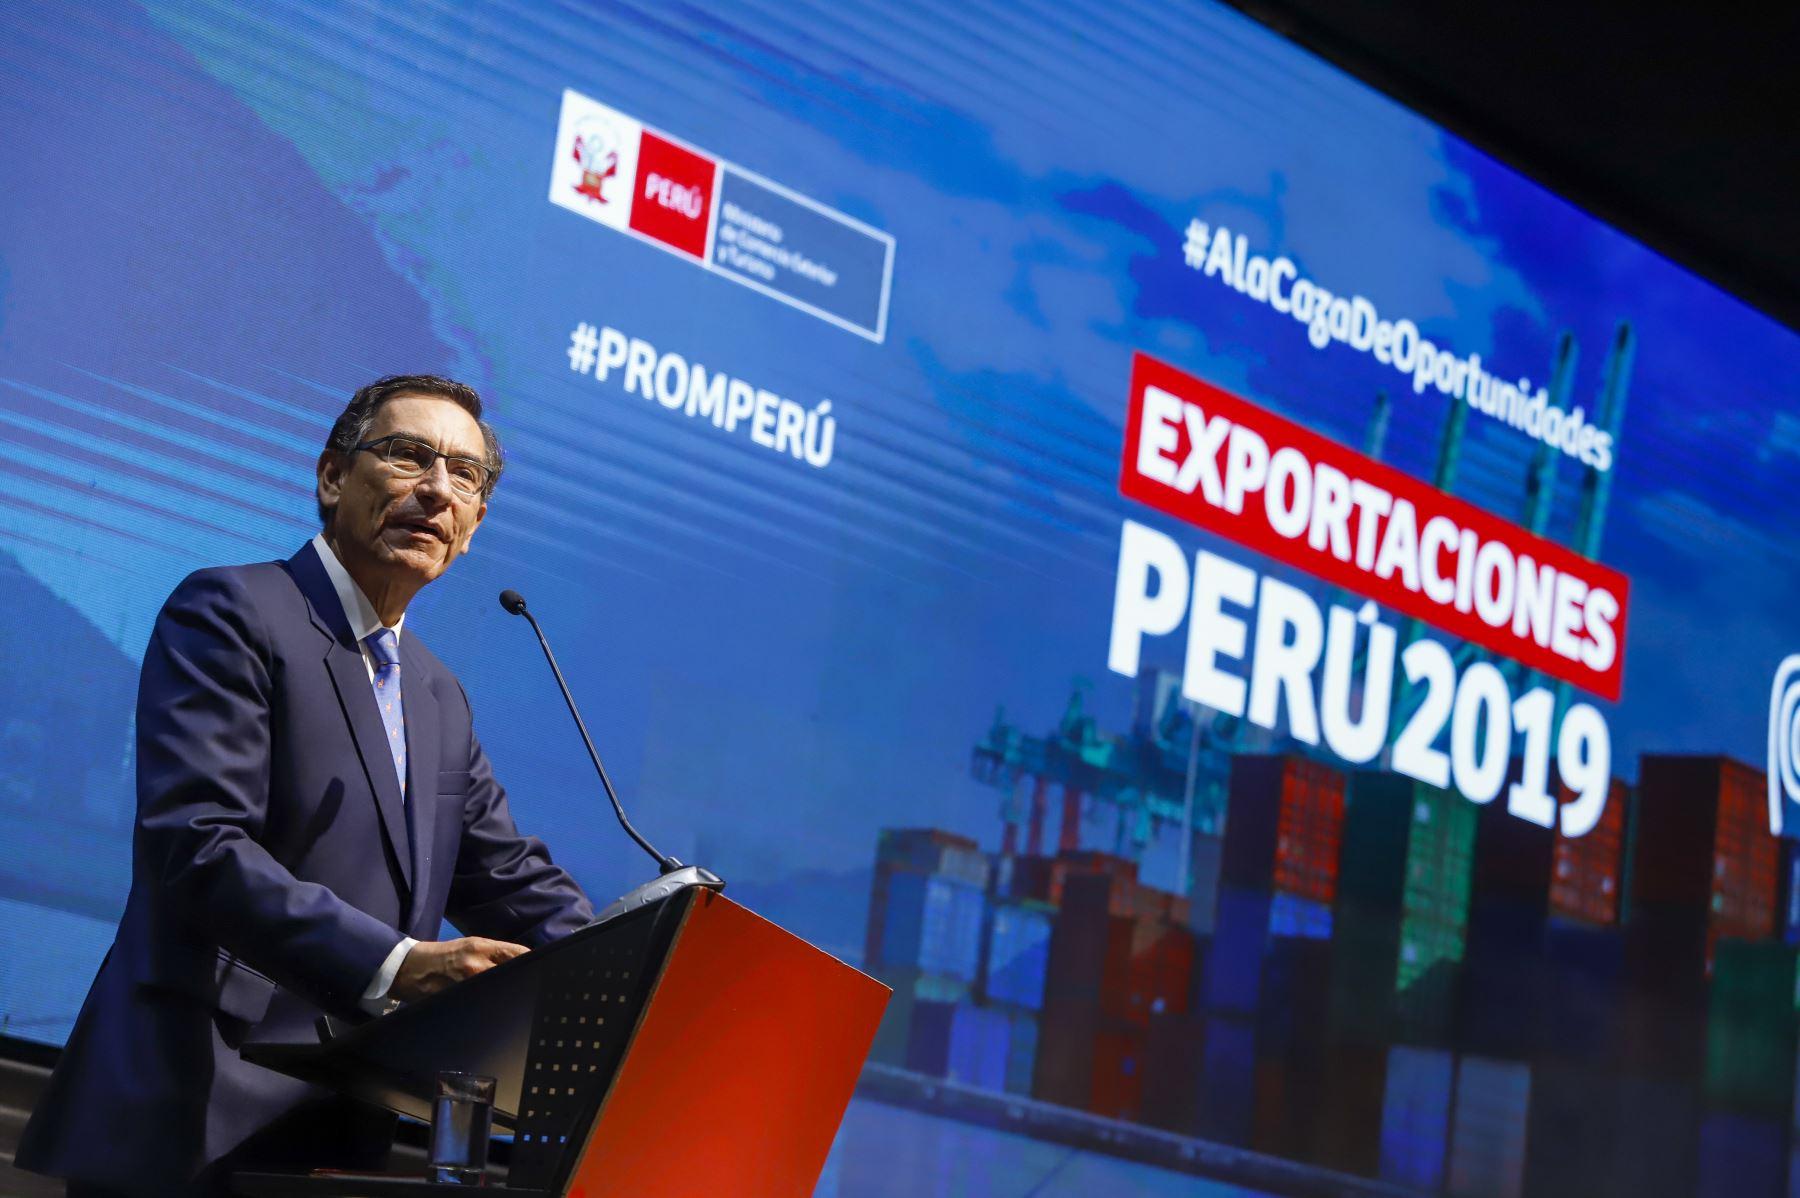 Presidente de la República, Martín Vizcarra, participa en el anuncio de las cifras de exportaciones 2019. Foto: ANDINA/ Prensa Presidencia